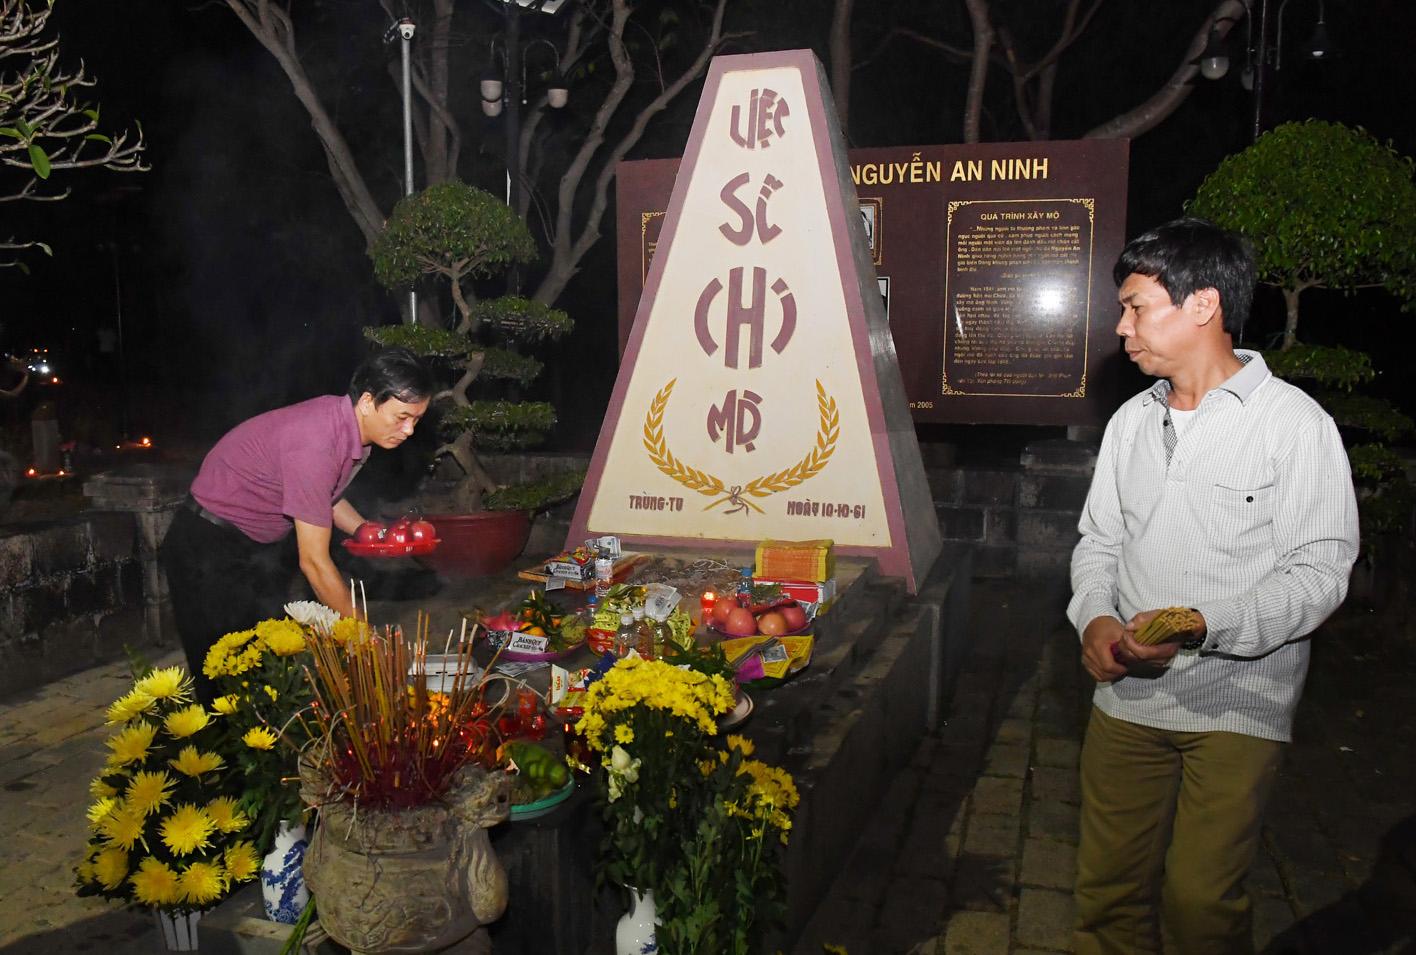 Mộ nhà Cách mạng Nguyễn An Ninh tại nghĩa trang Hàng Dương